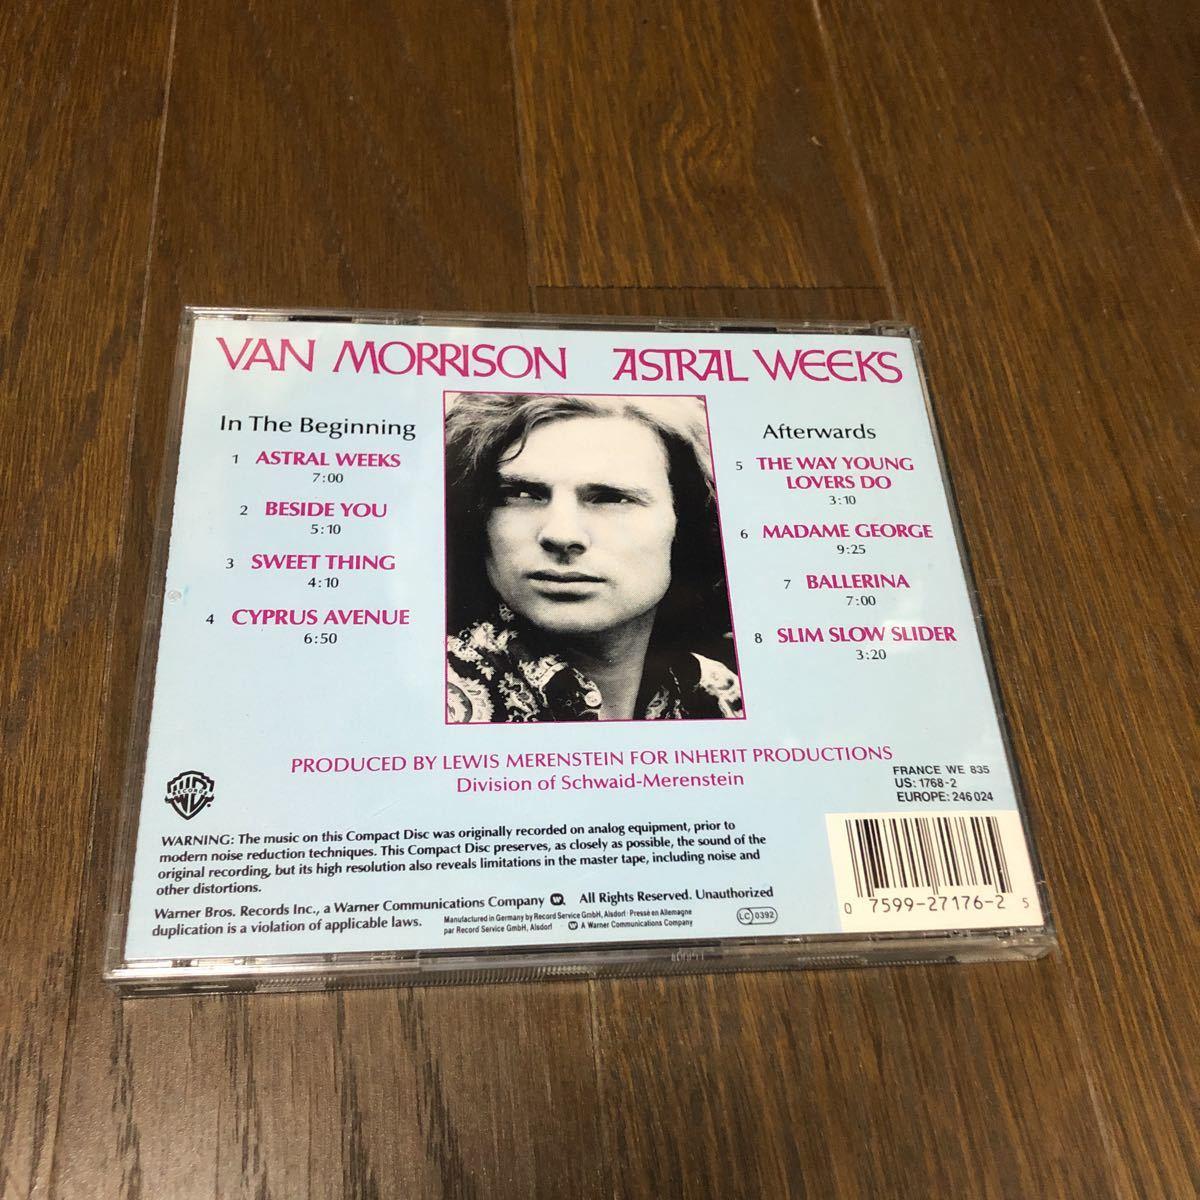 ヴァン・モリソン ASTRAL WEEKS ドイツ盤CD